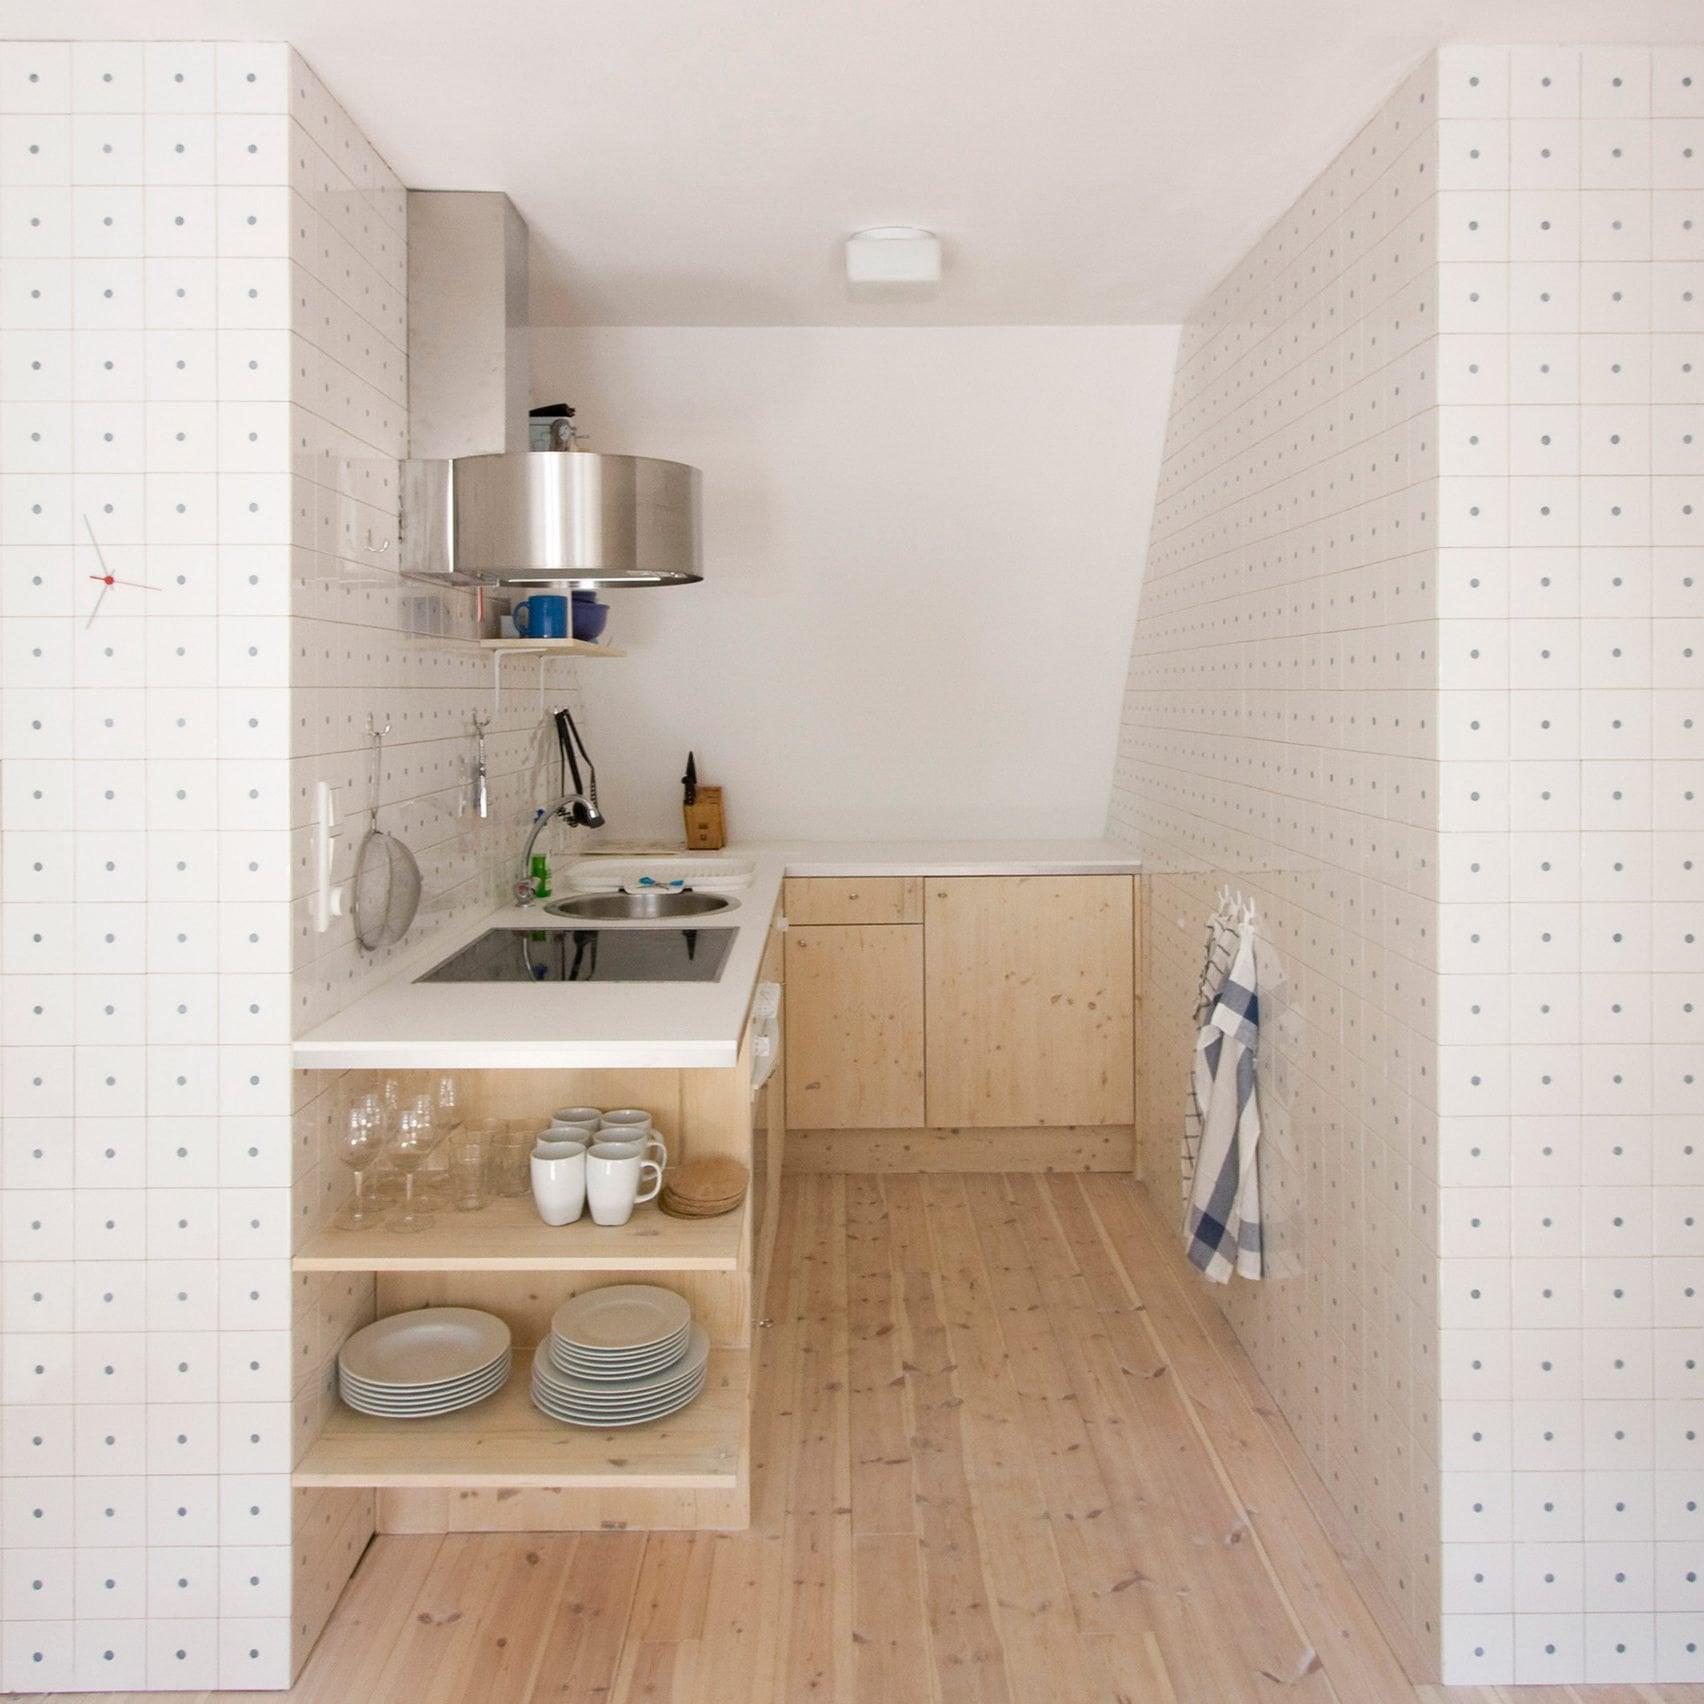 gambar dapur sempit di sela ruangan